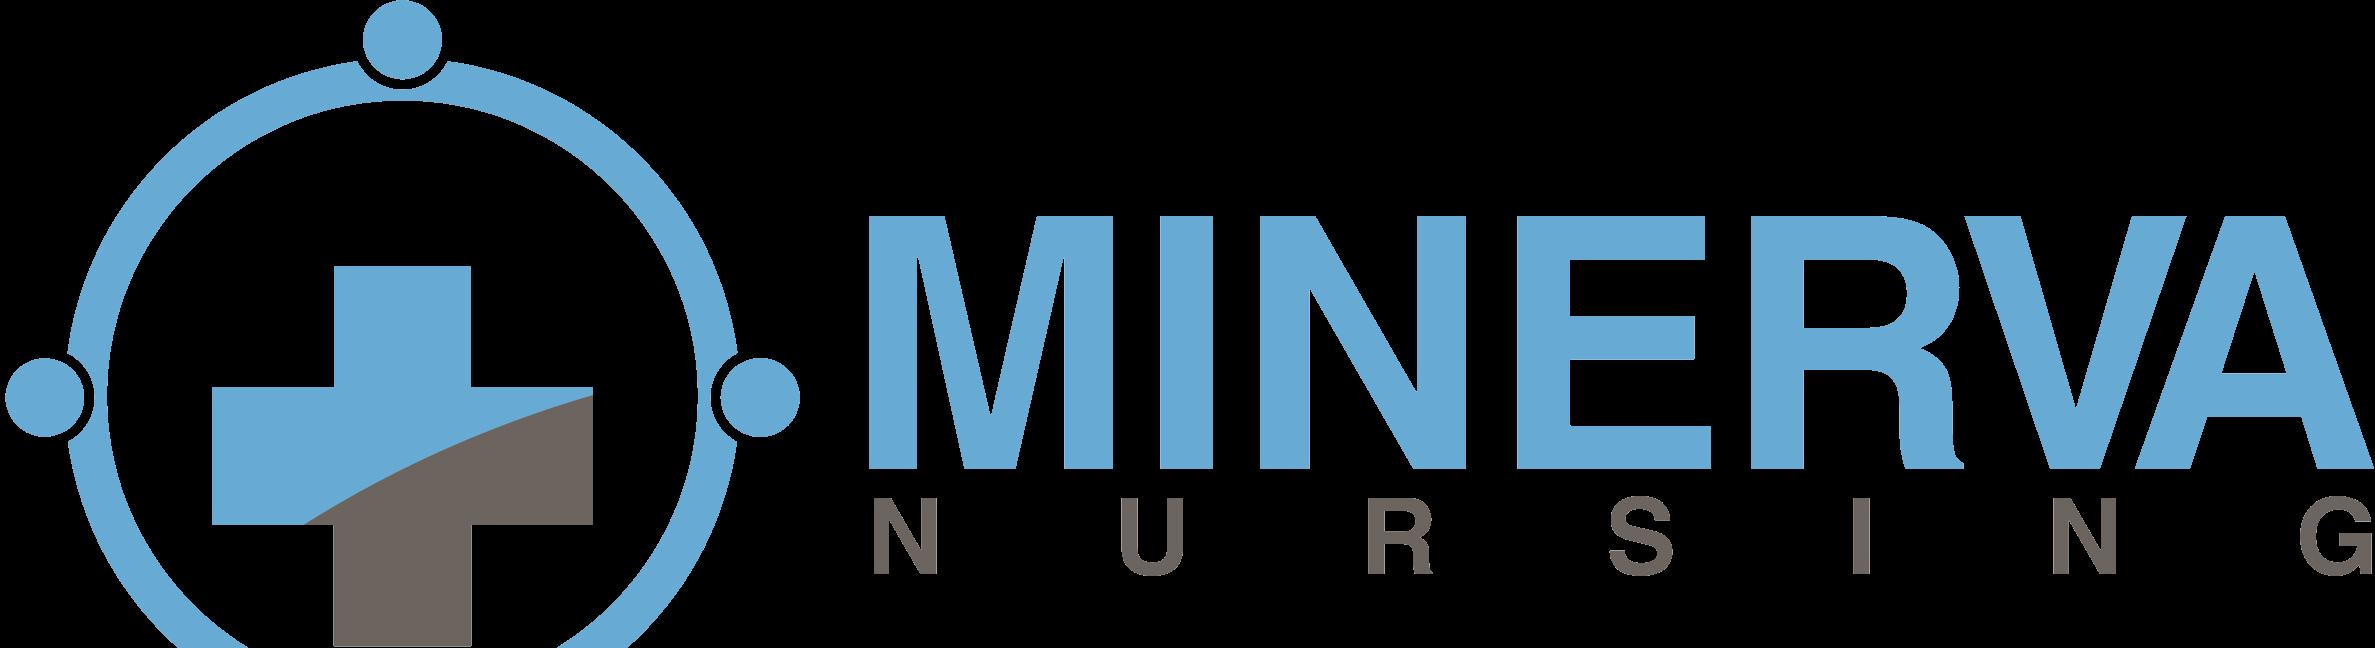 Minerva Nursing Limited